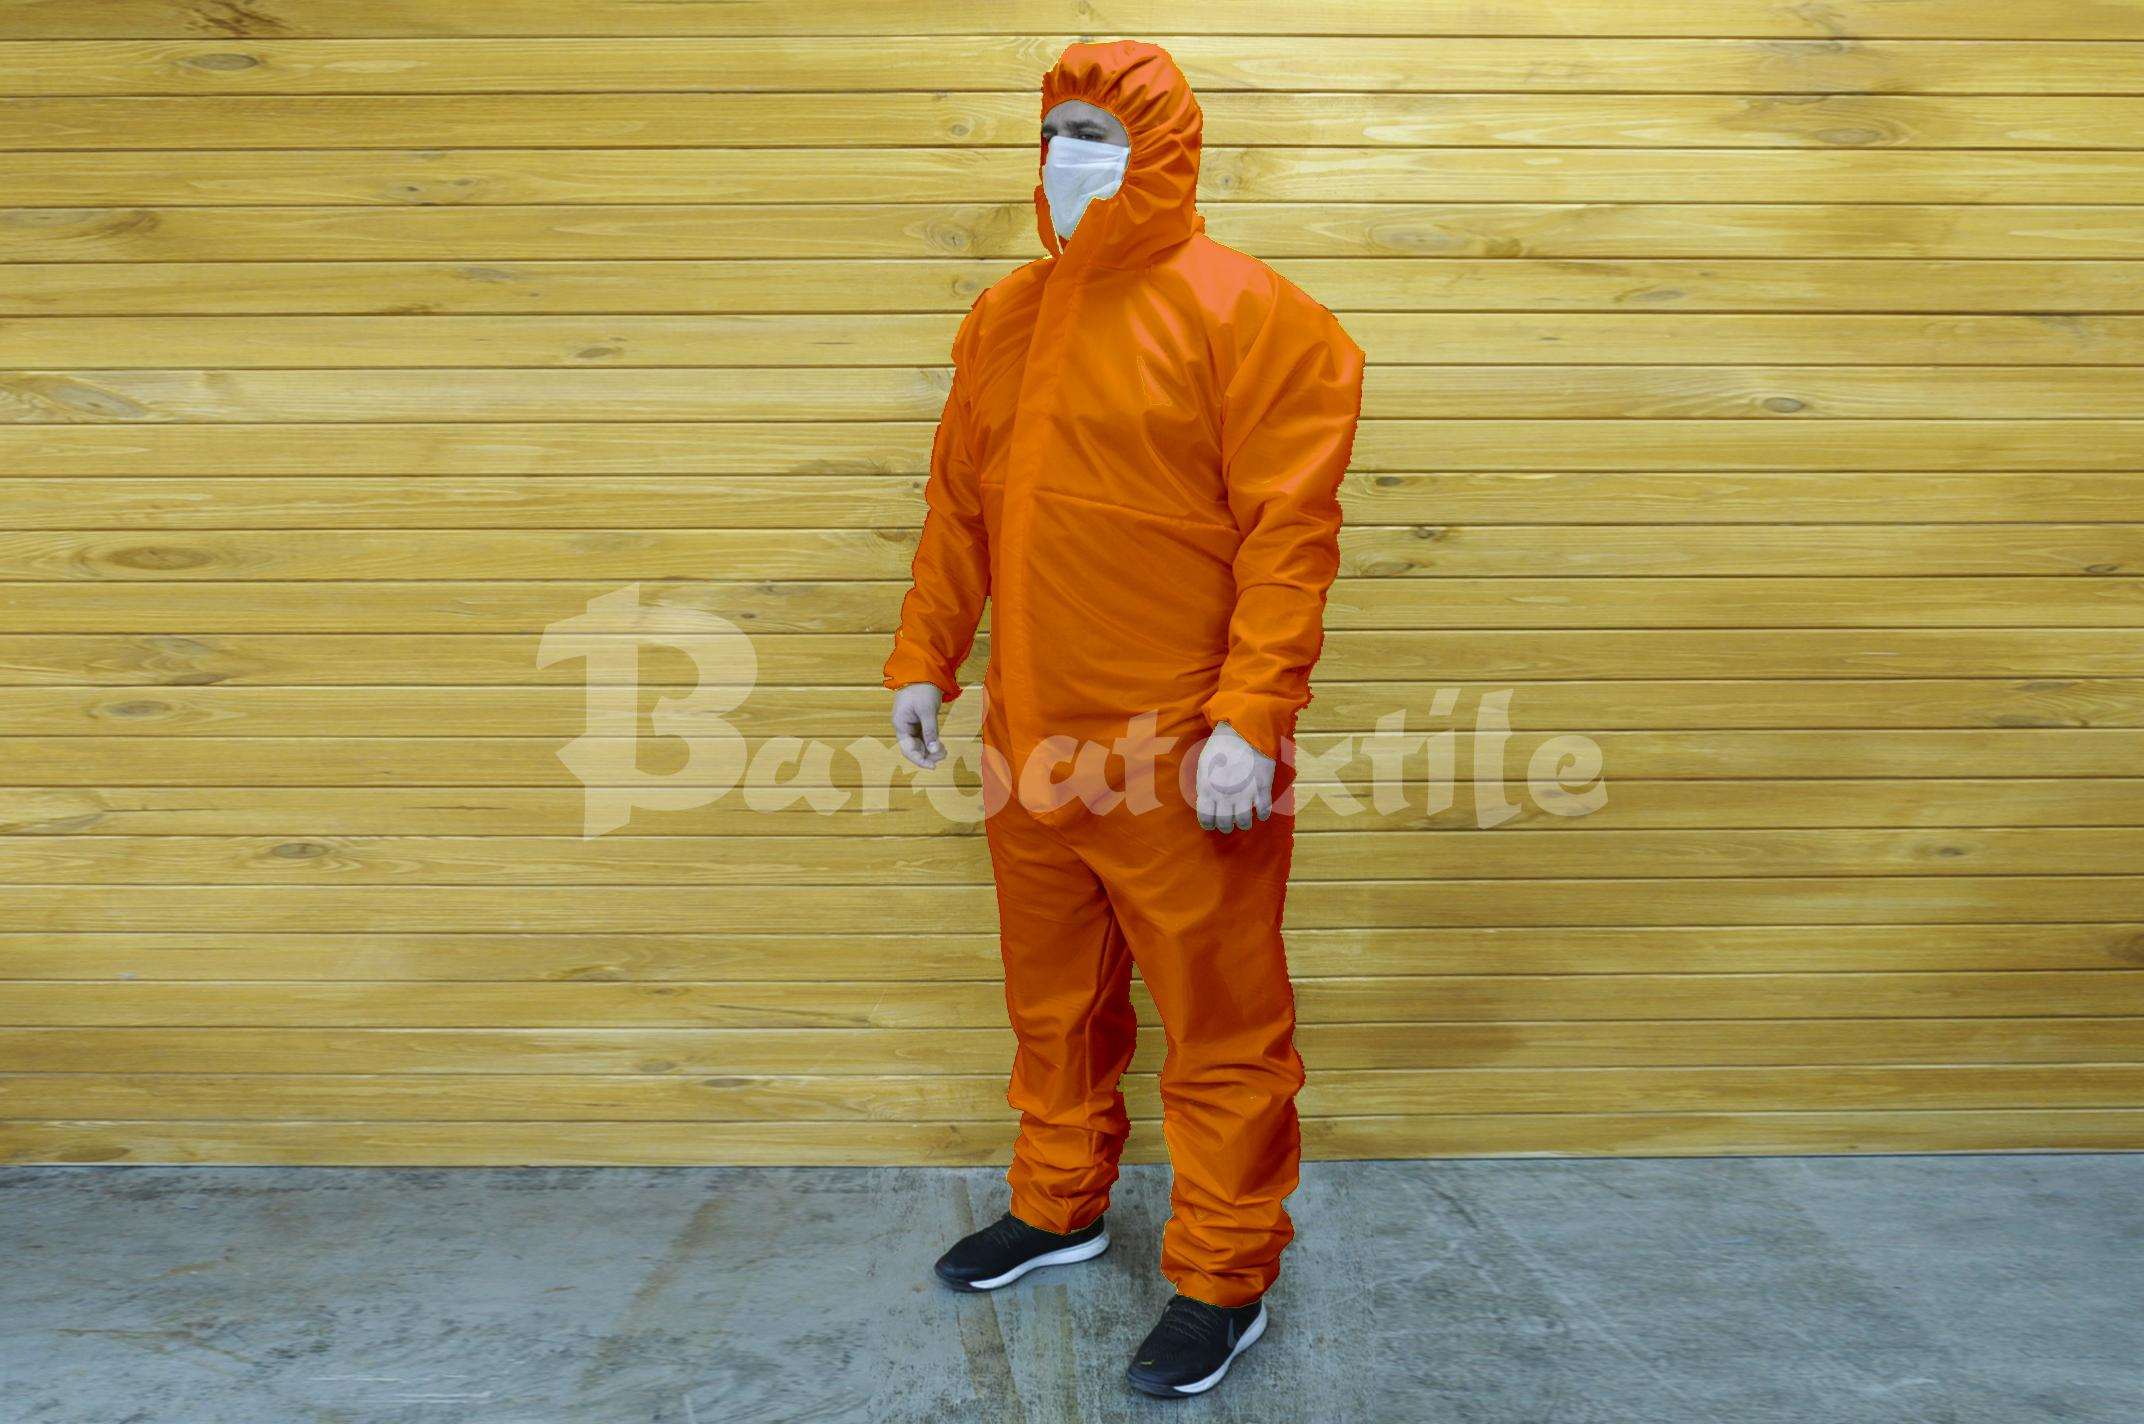 Комбінезон (багаторазовий), однотонний, тканина Болонья, щільність - 55г / м2 фото-5